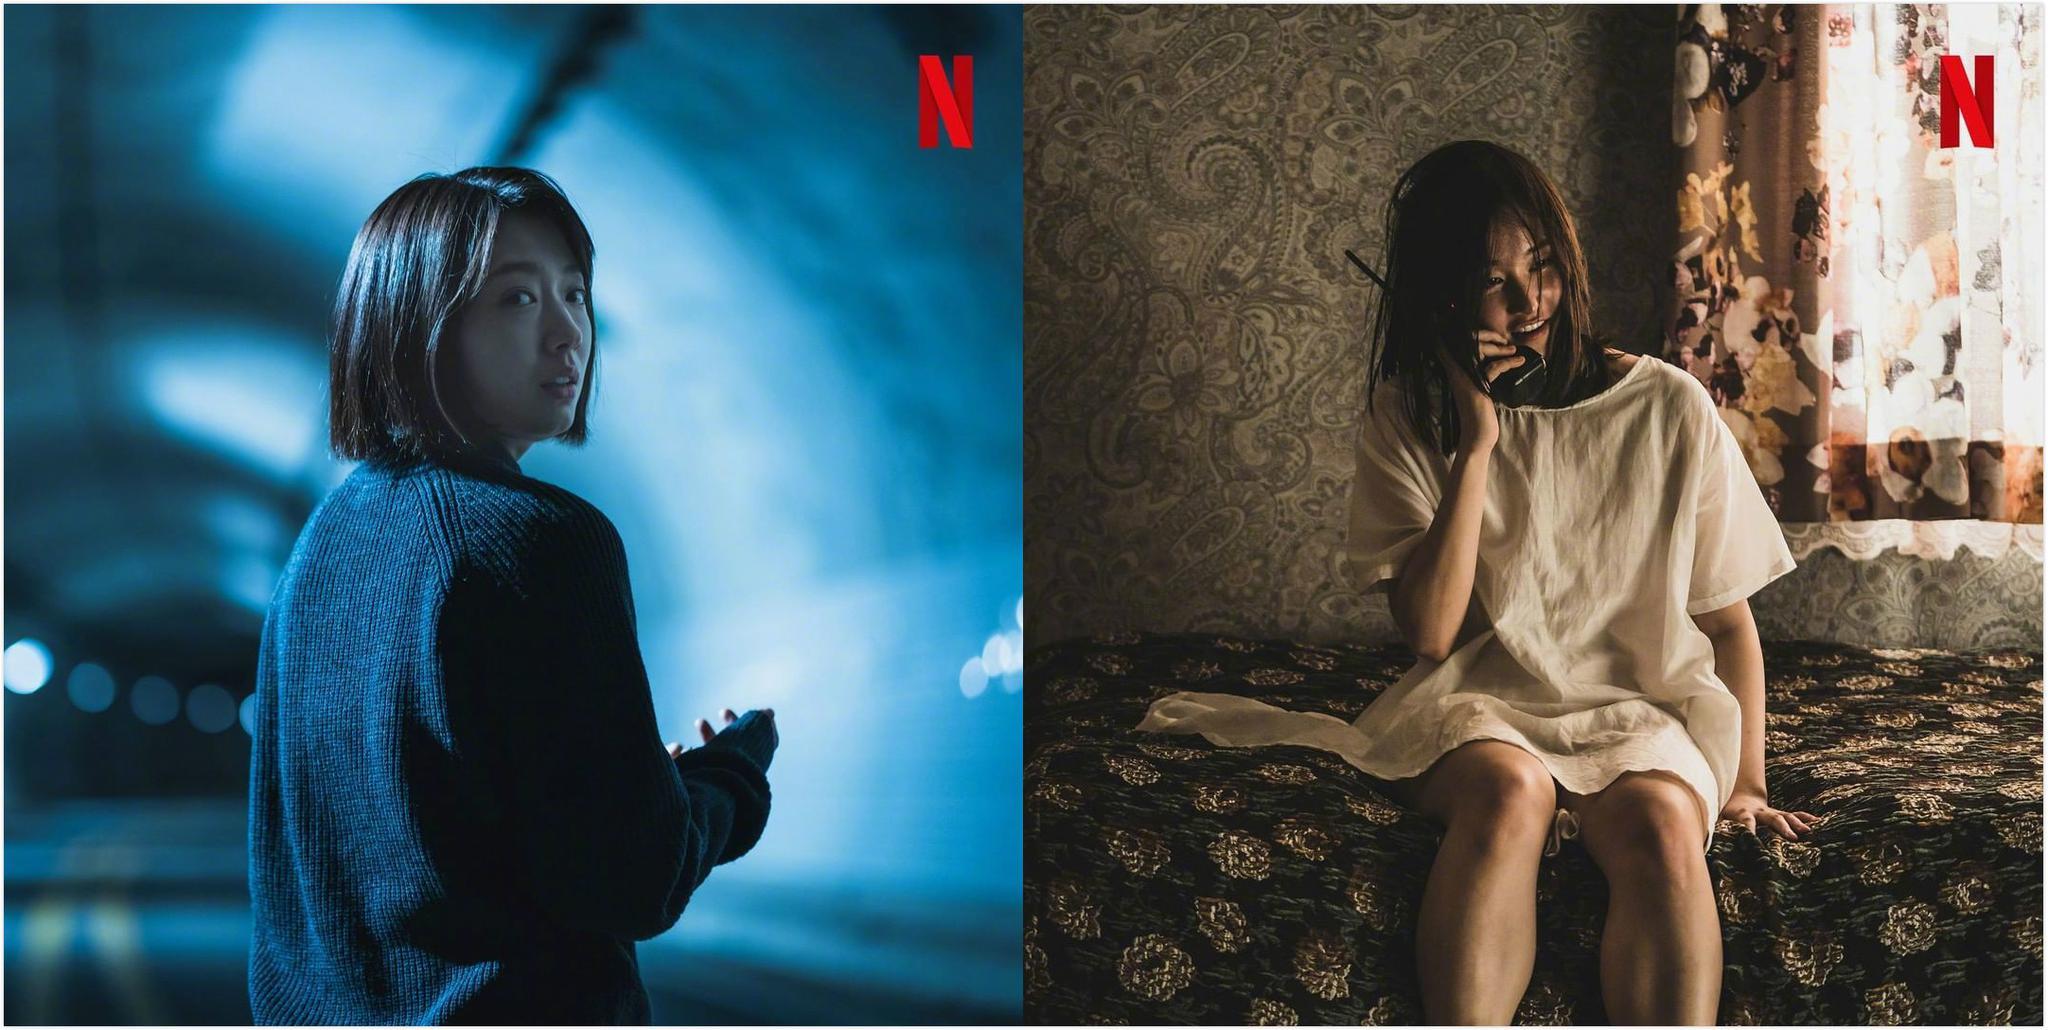 朴信惠、全钟瑞主演惊悚电影《电话》,11月27日上线